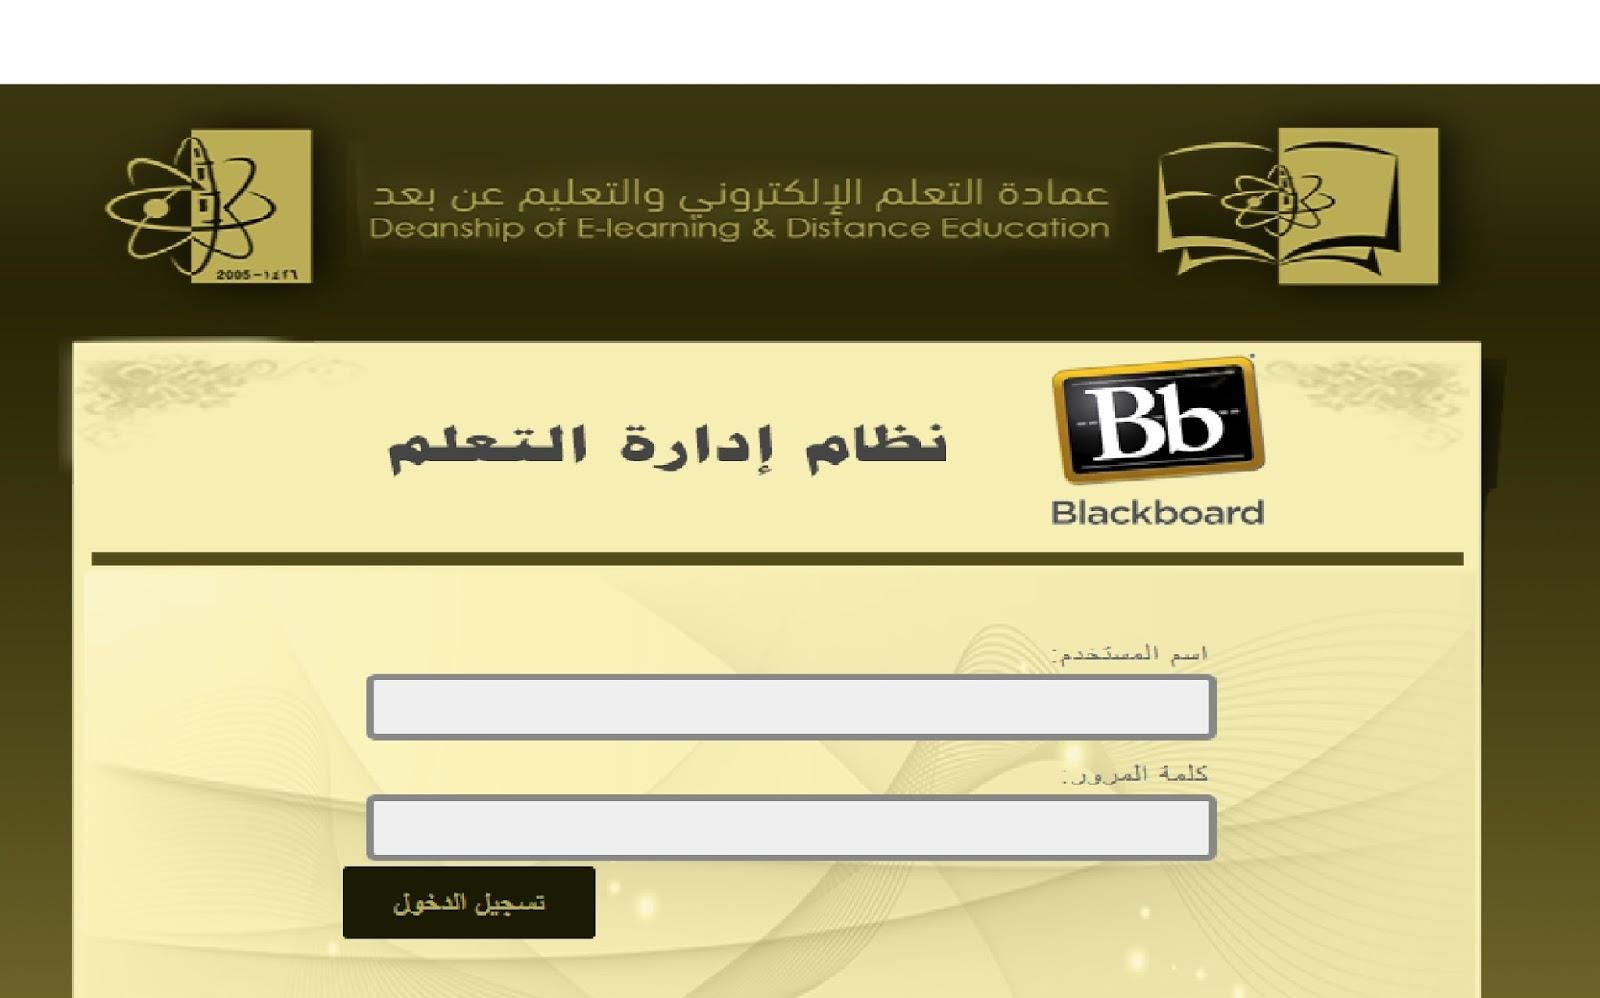 بوابة جامعة الجوف الالكترونية بلاك بورد